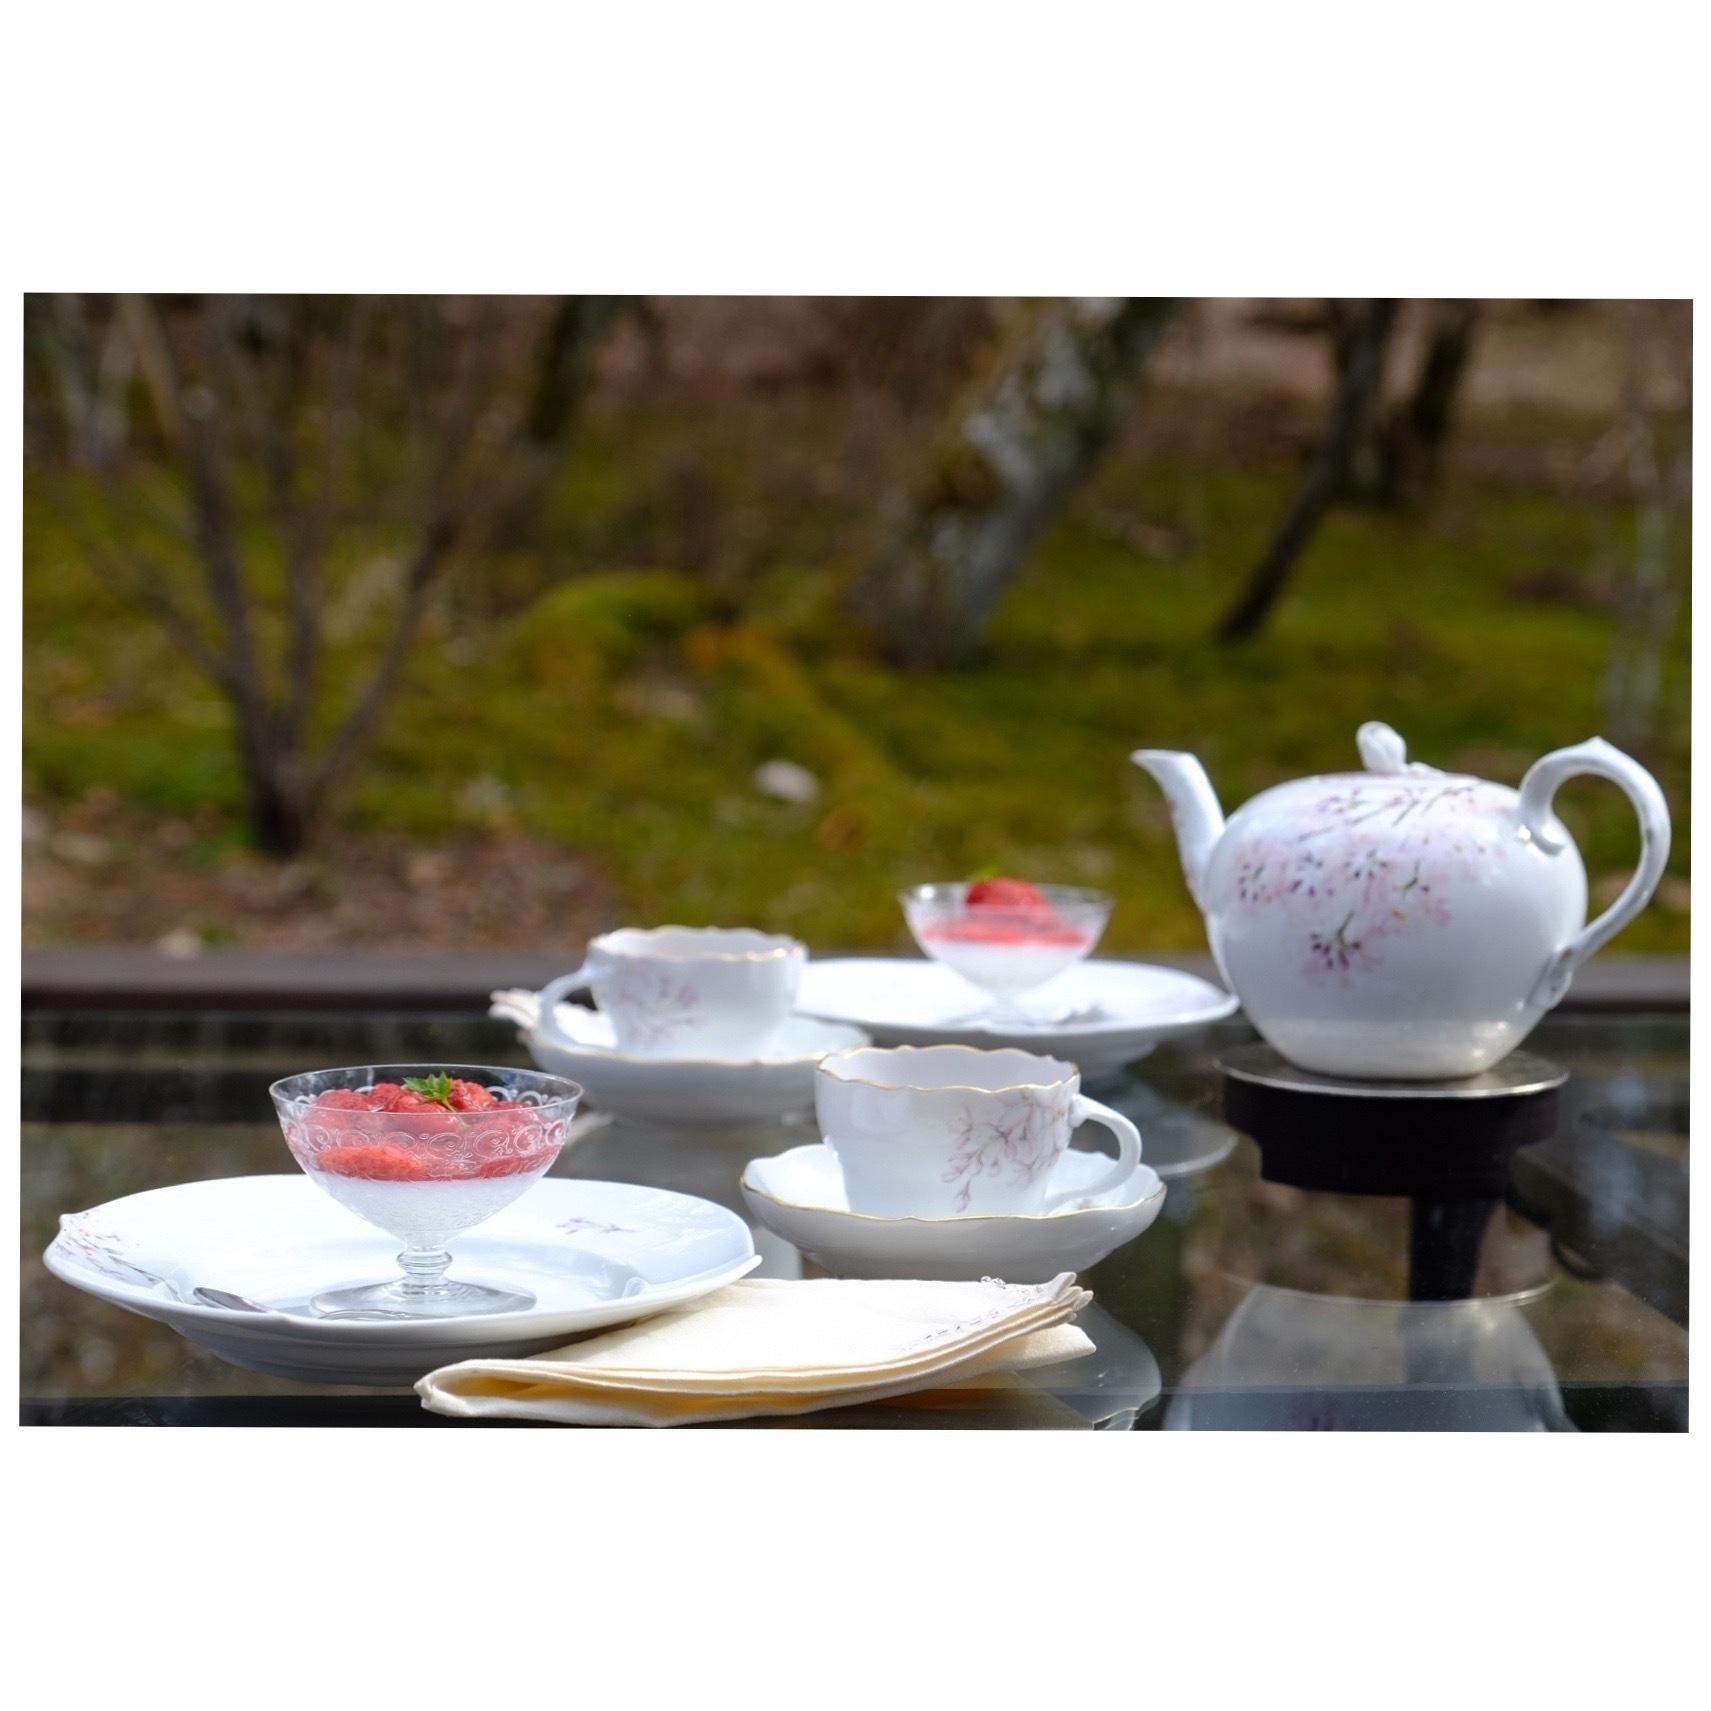 桜を描いた器でお茶時間_a0335867_21272525.jpeg